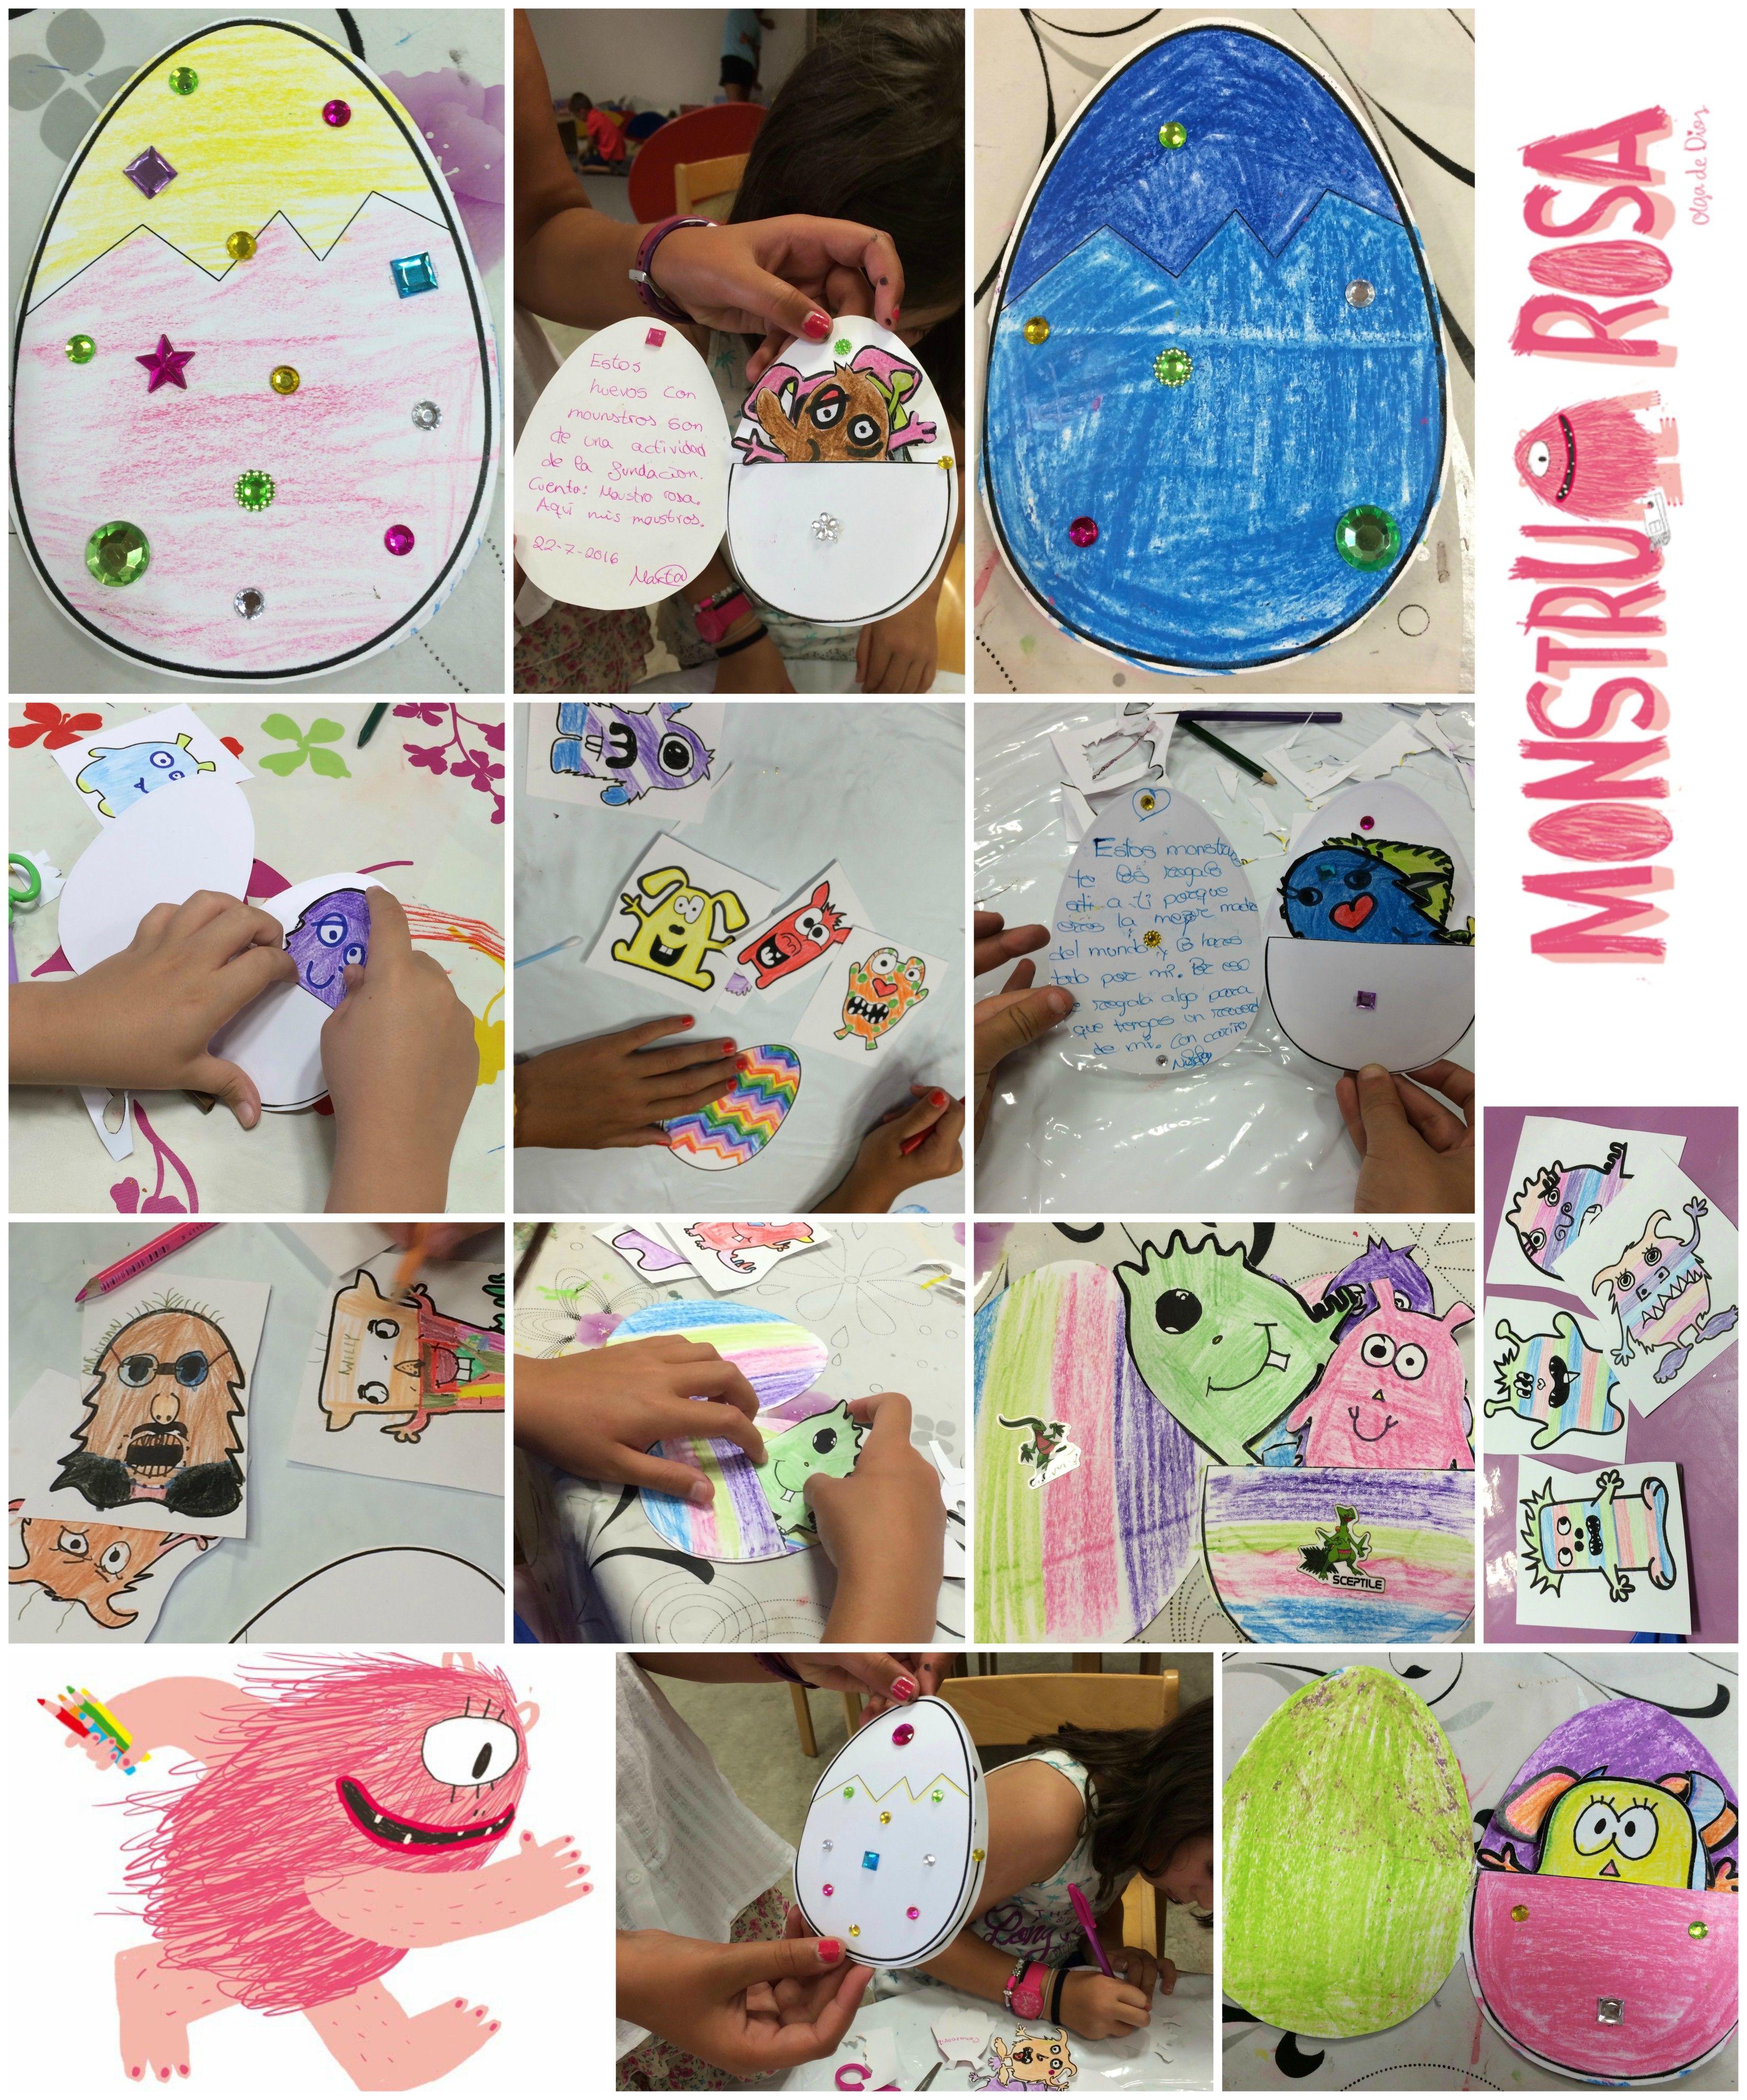 Actividad Para El Cuento Monstruo Rosa Olga De Dios Apila Ediciones Actividades Manualidades Infantiles Actividades Infantiles